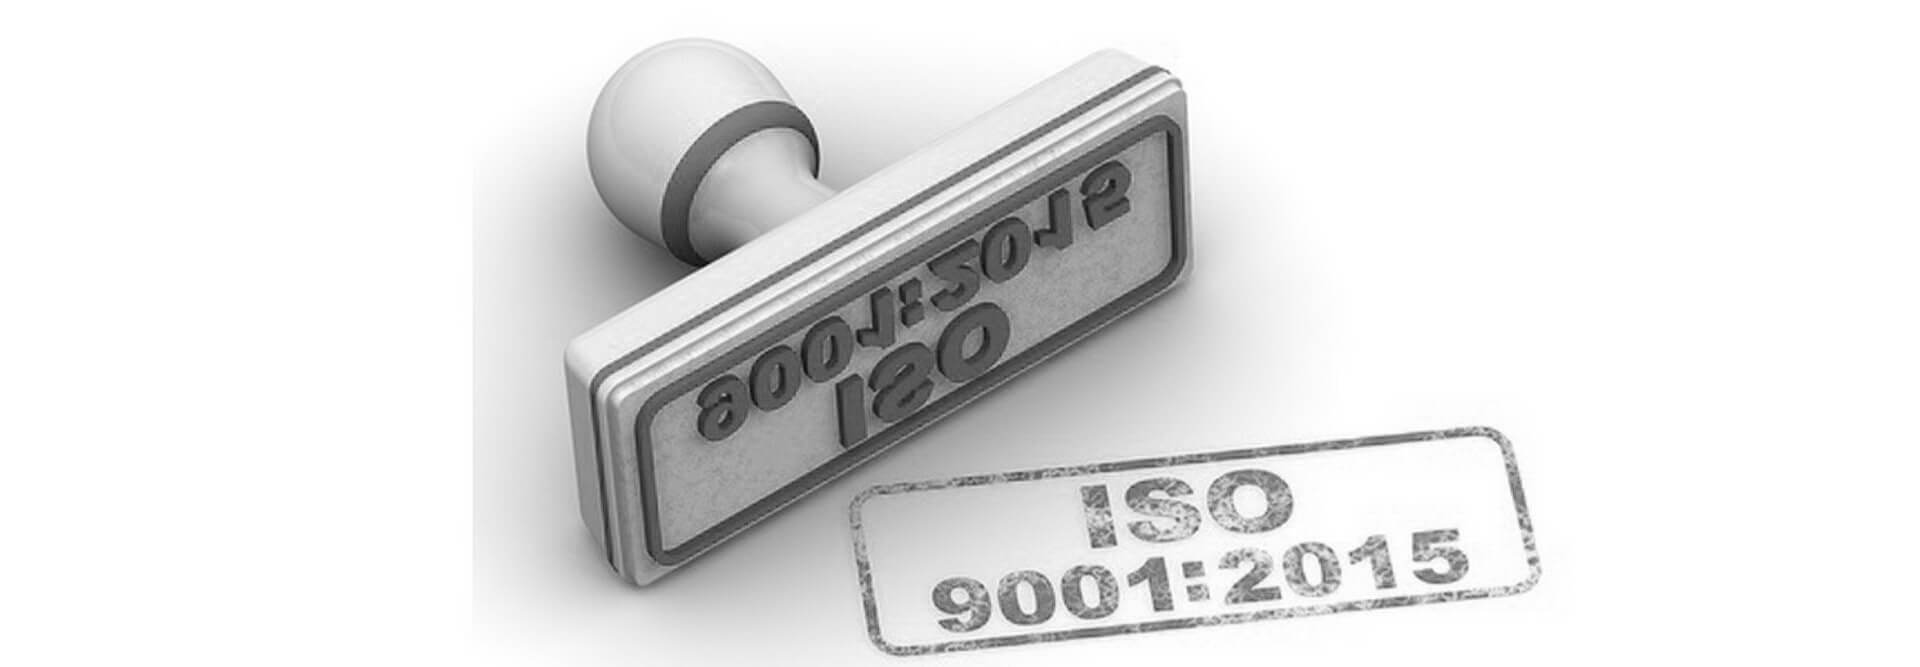 חותמת עם עם כיתוב ISO 9001:2015 כדימוי הבטחה של קבלת ההסמכה